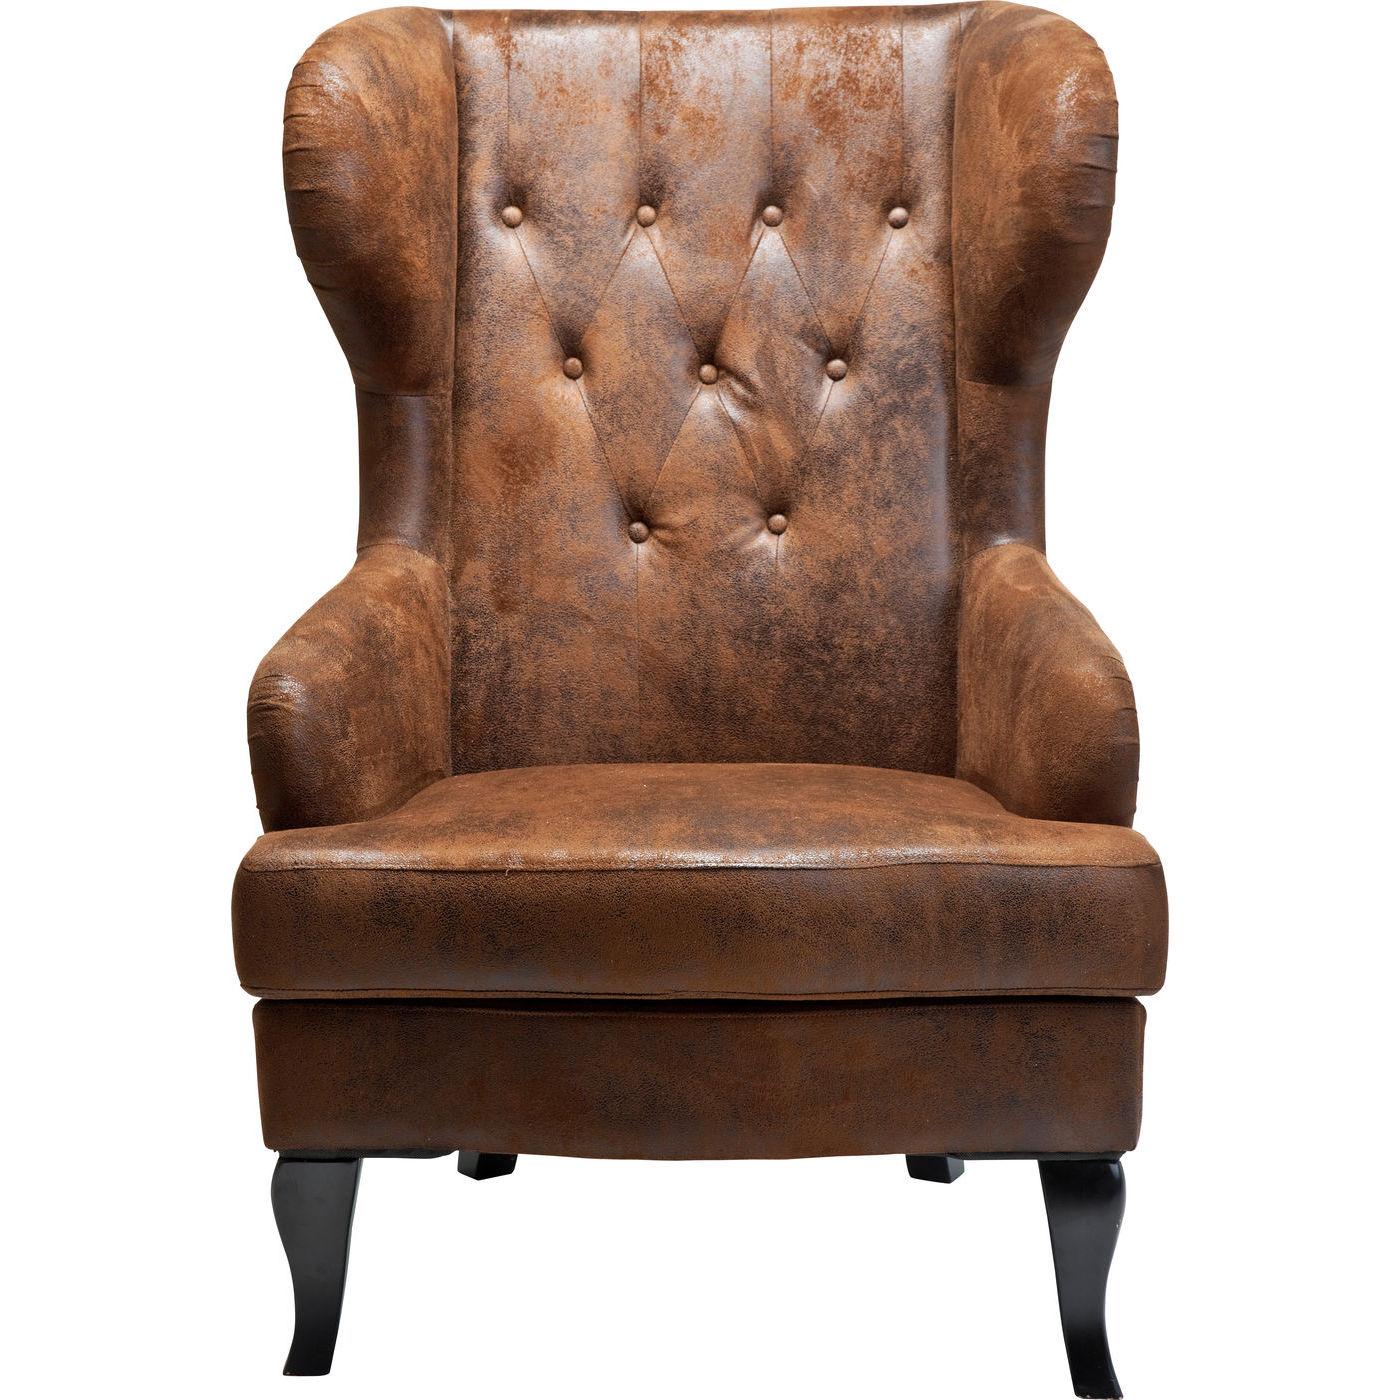 kare design Kare design vintage hvilestol - brunt kunstlæder, m. armlæn på boboonline.dk